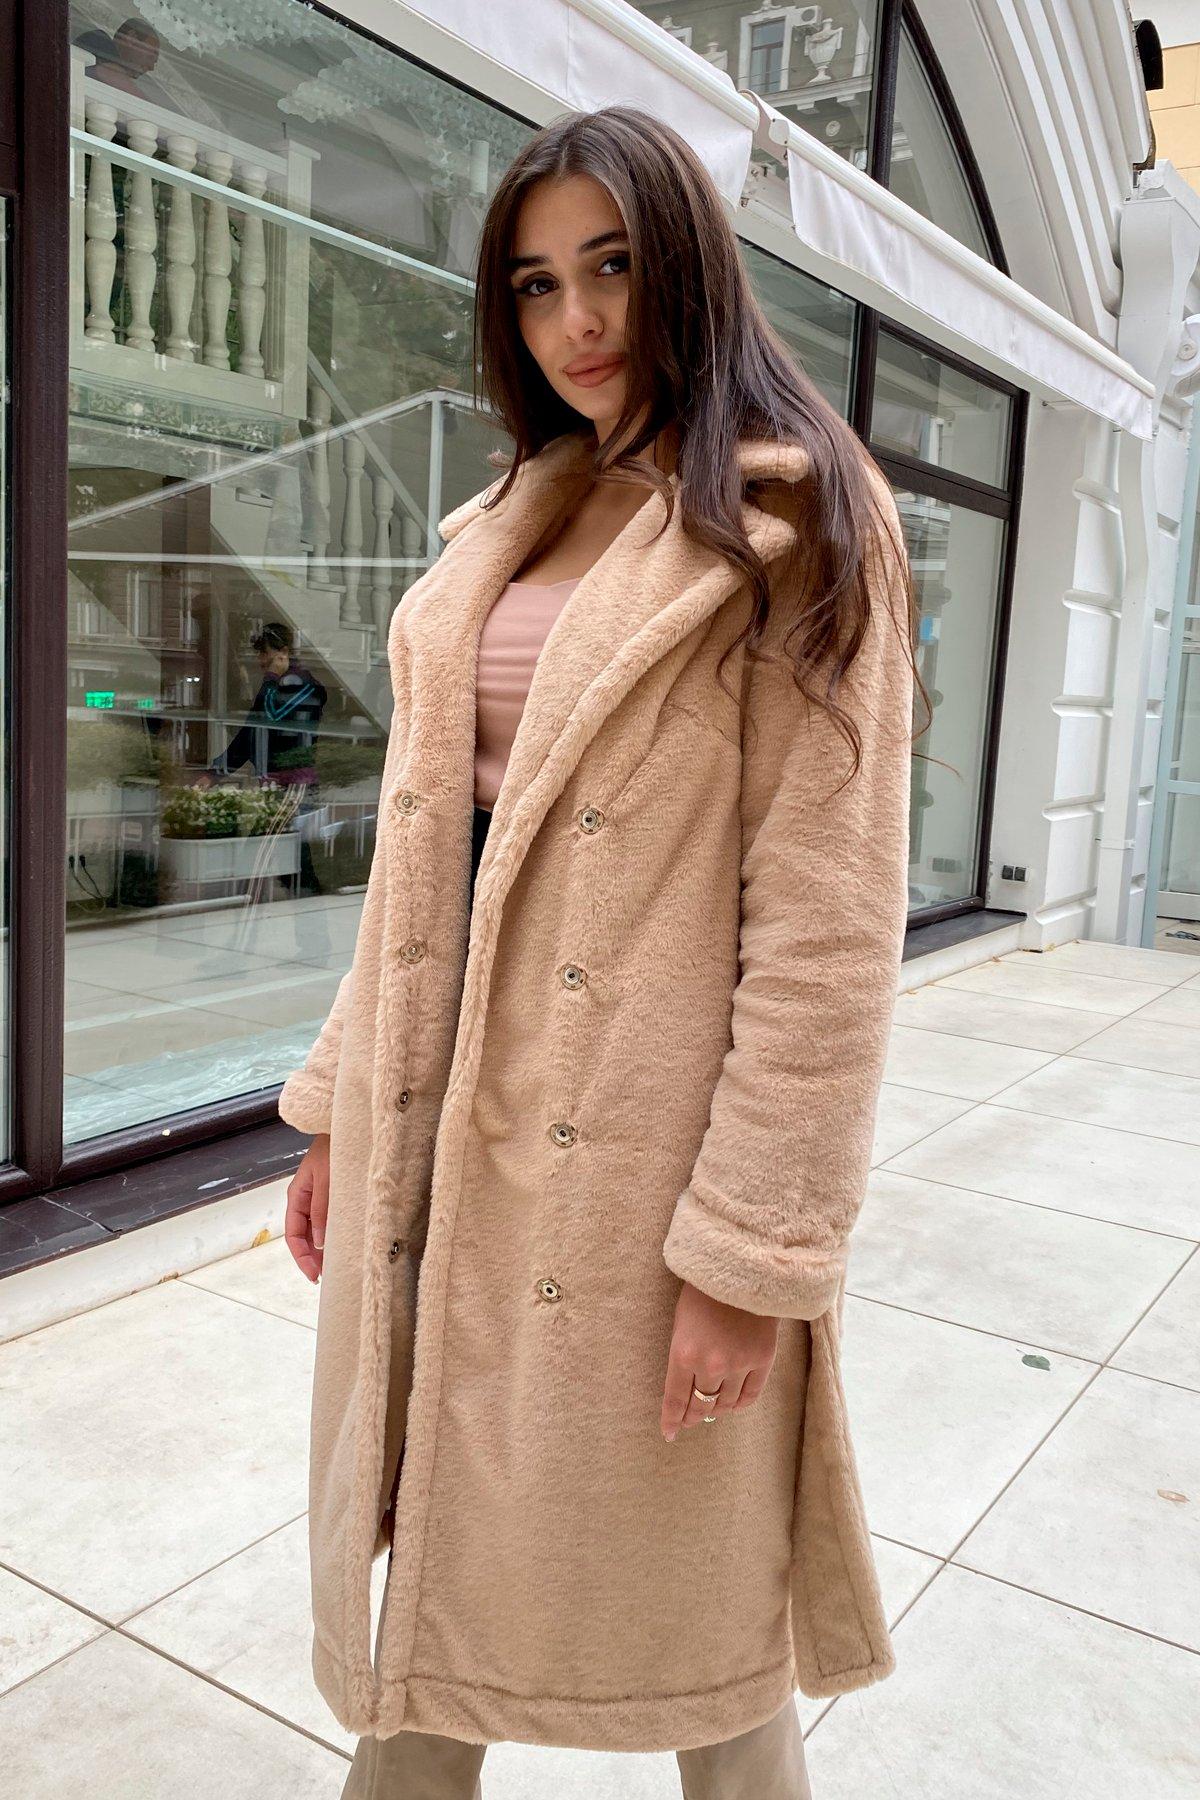 Зимнее пальто из искусственного меха норки Саманта 8641 АРТ. 44956 Цвет: Бежевый - фото 7, интернет магазин tm-modus.ru